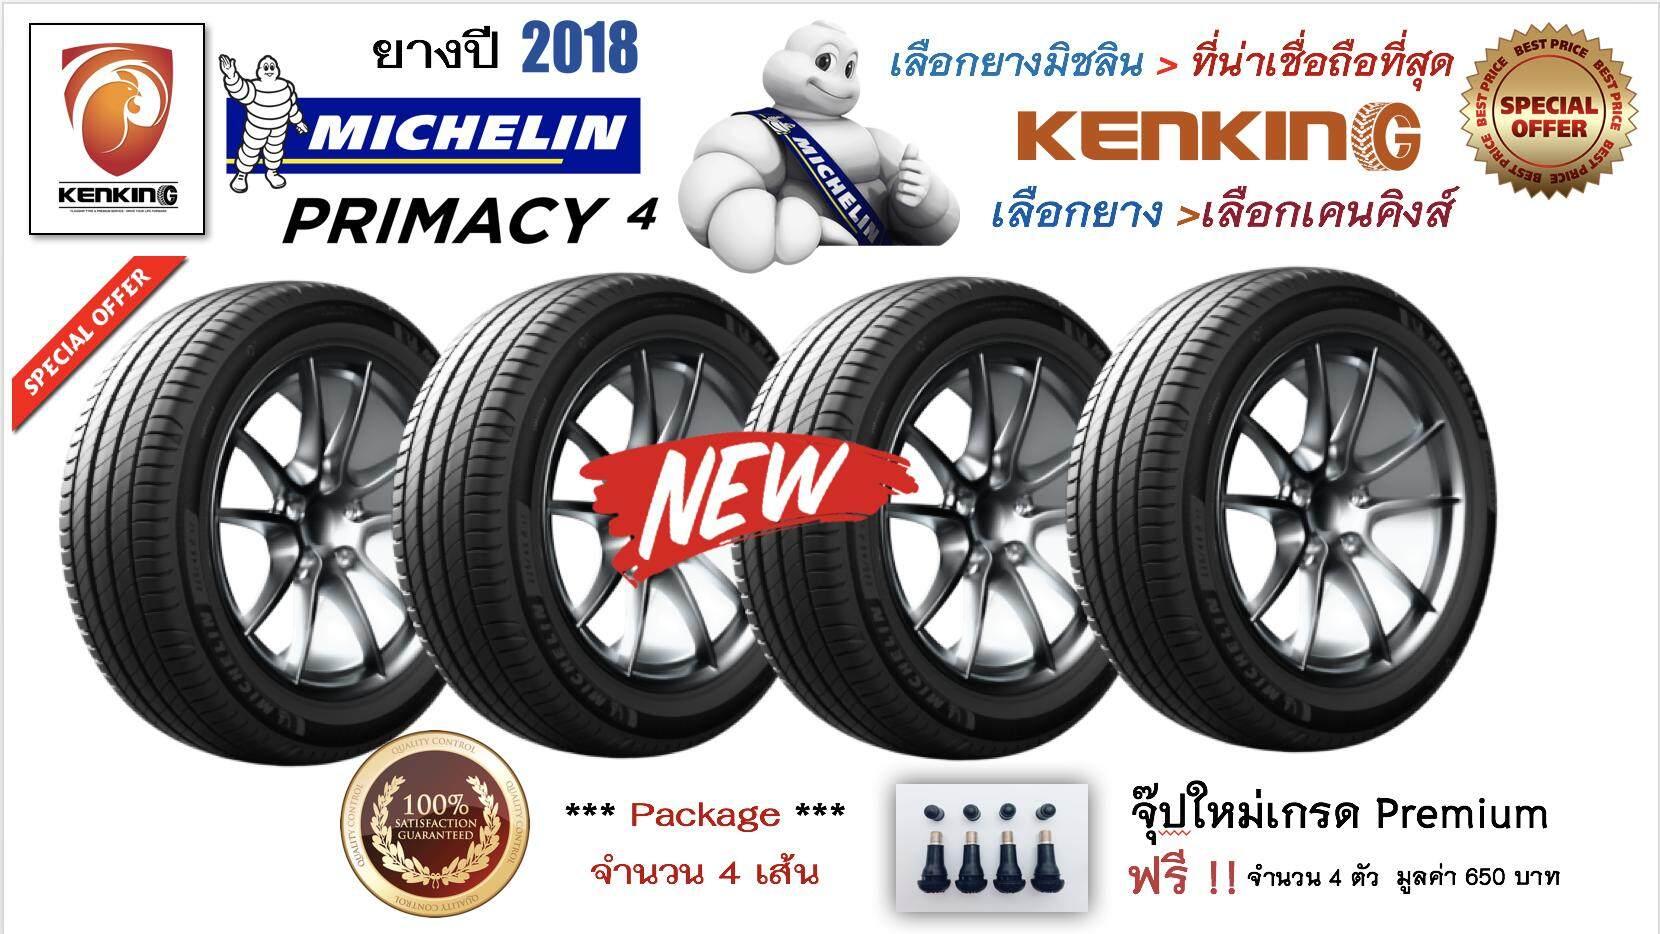 ประกันภัย รถยนต์ แบบ ผ่อน ได้ สมุทรสาคร (จำนวน 4 เส้น)  Michelin มิชลิน NEW!! ปี 2019 195/65 R15 Primacy 4 ฟรี!! จุ๊ป Premium 650 บาท